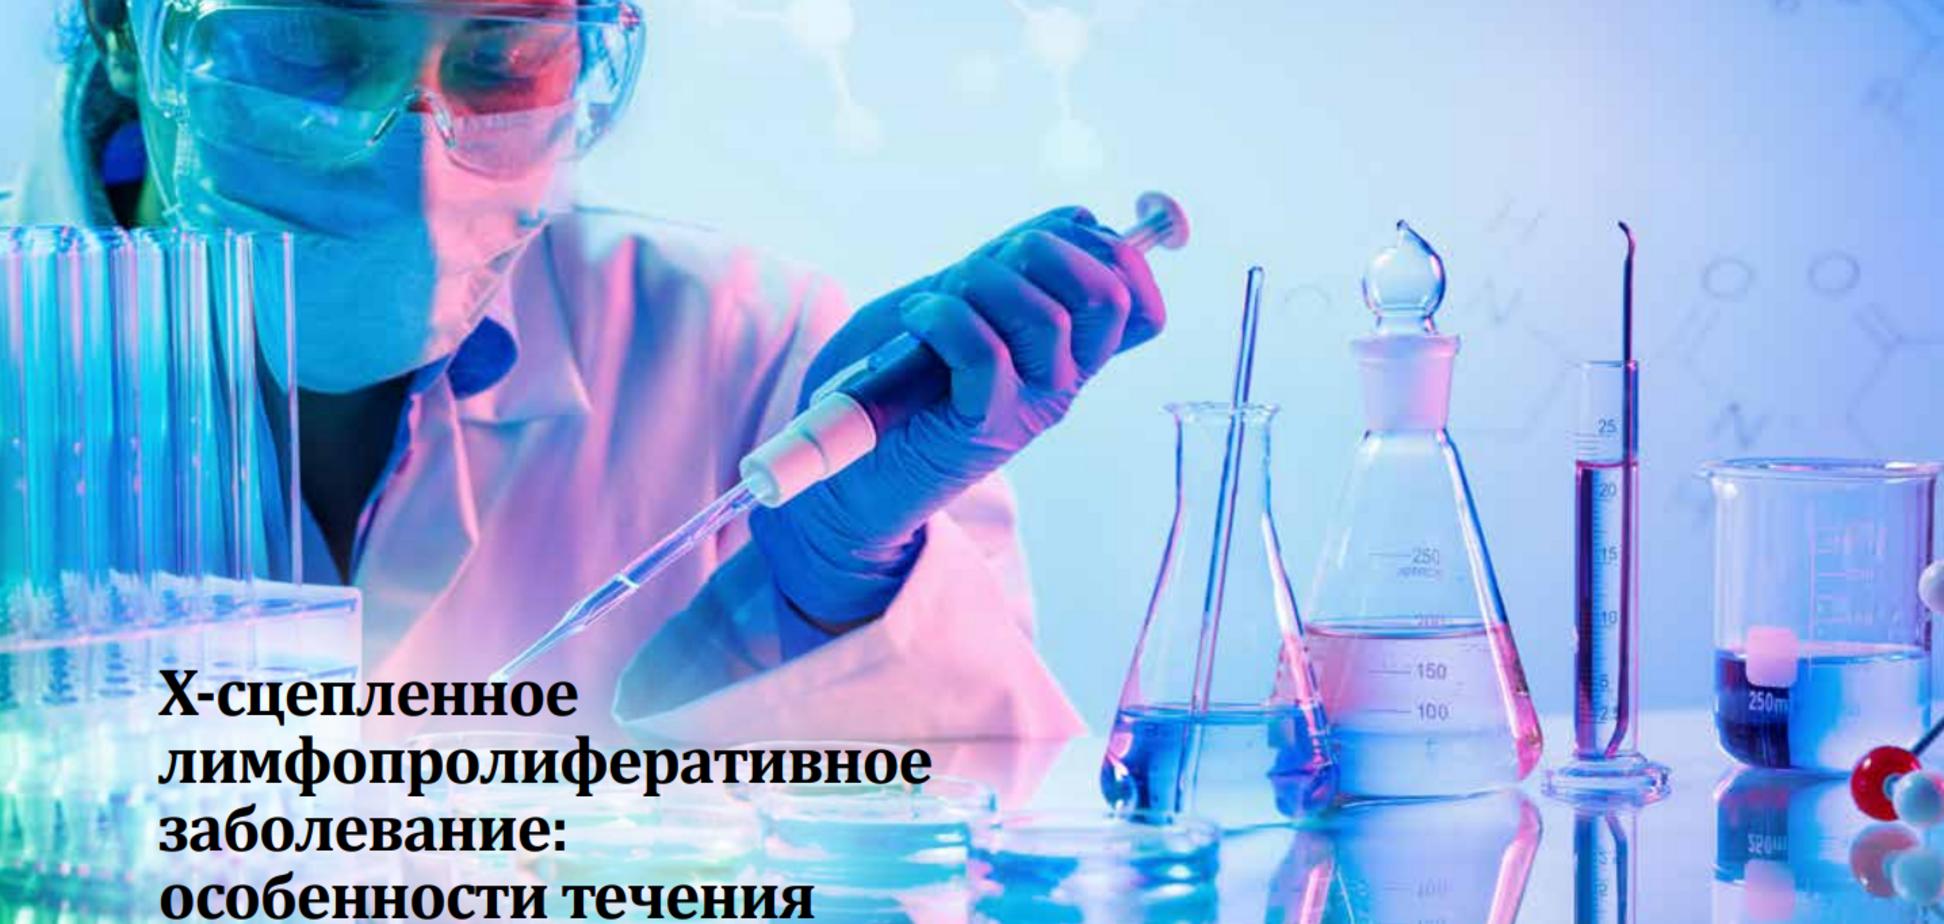 Х-сцепленное лимфопролиферативное заболевание: особенности течения